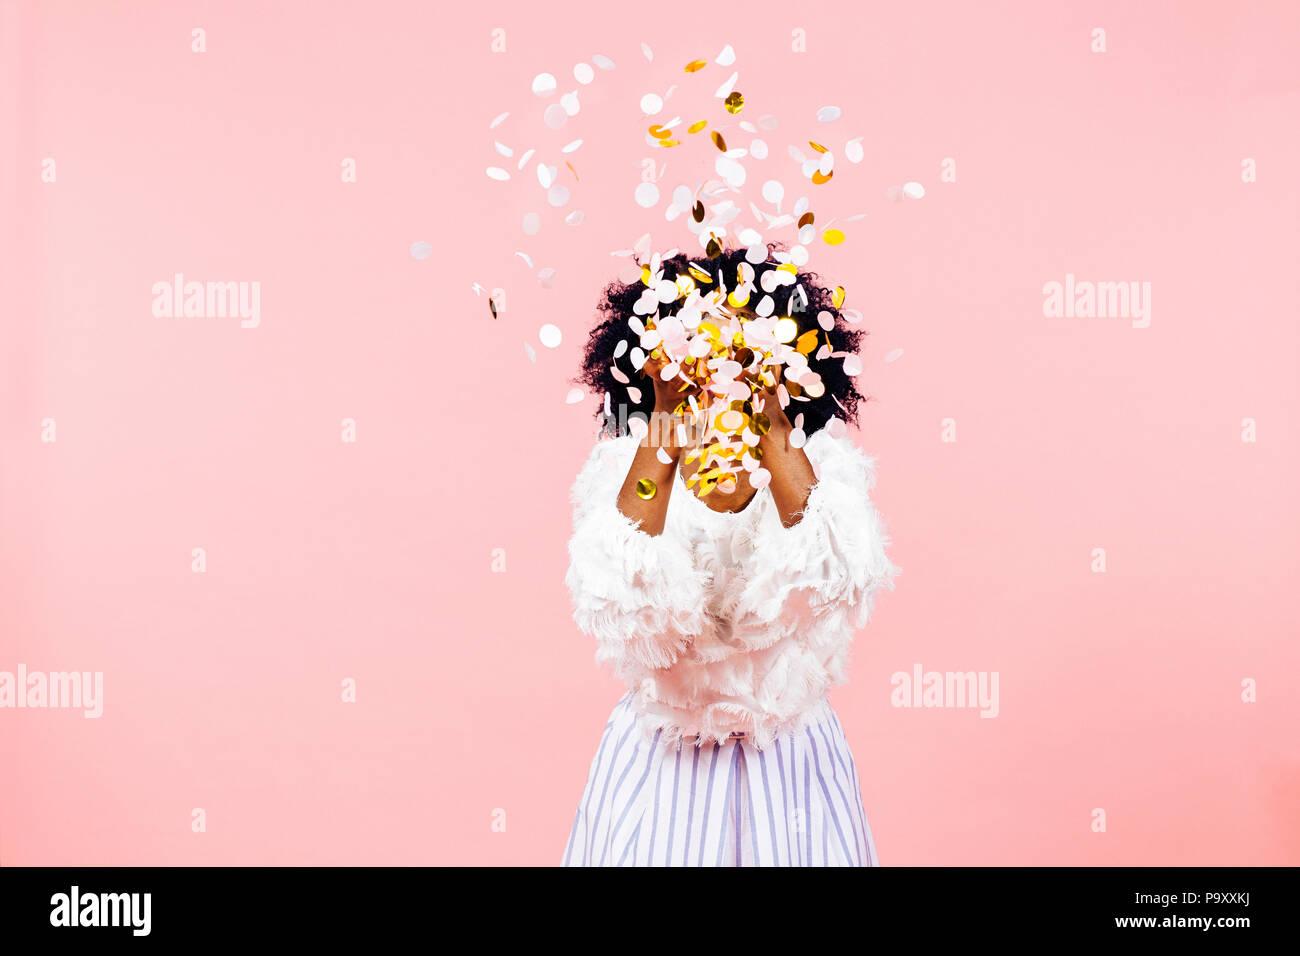 Coriandoli buttare- celebrare la felicità Immagini Stock